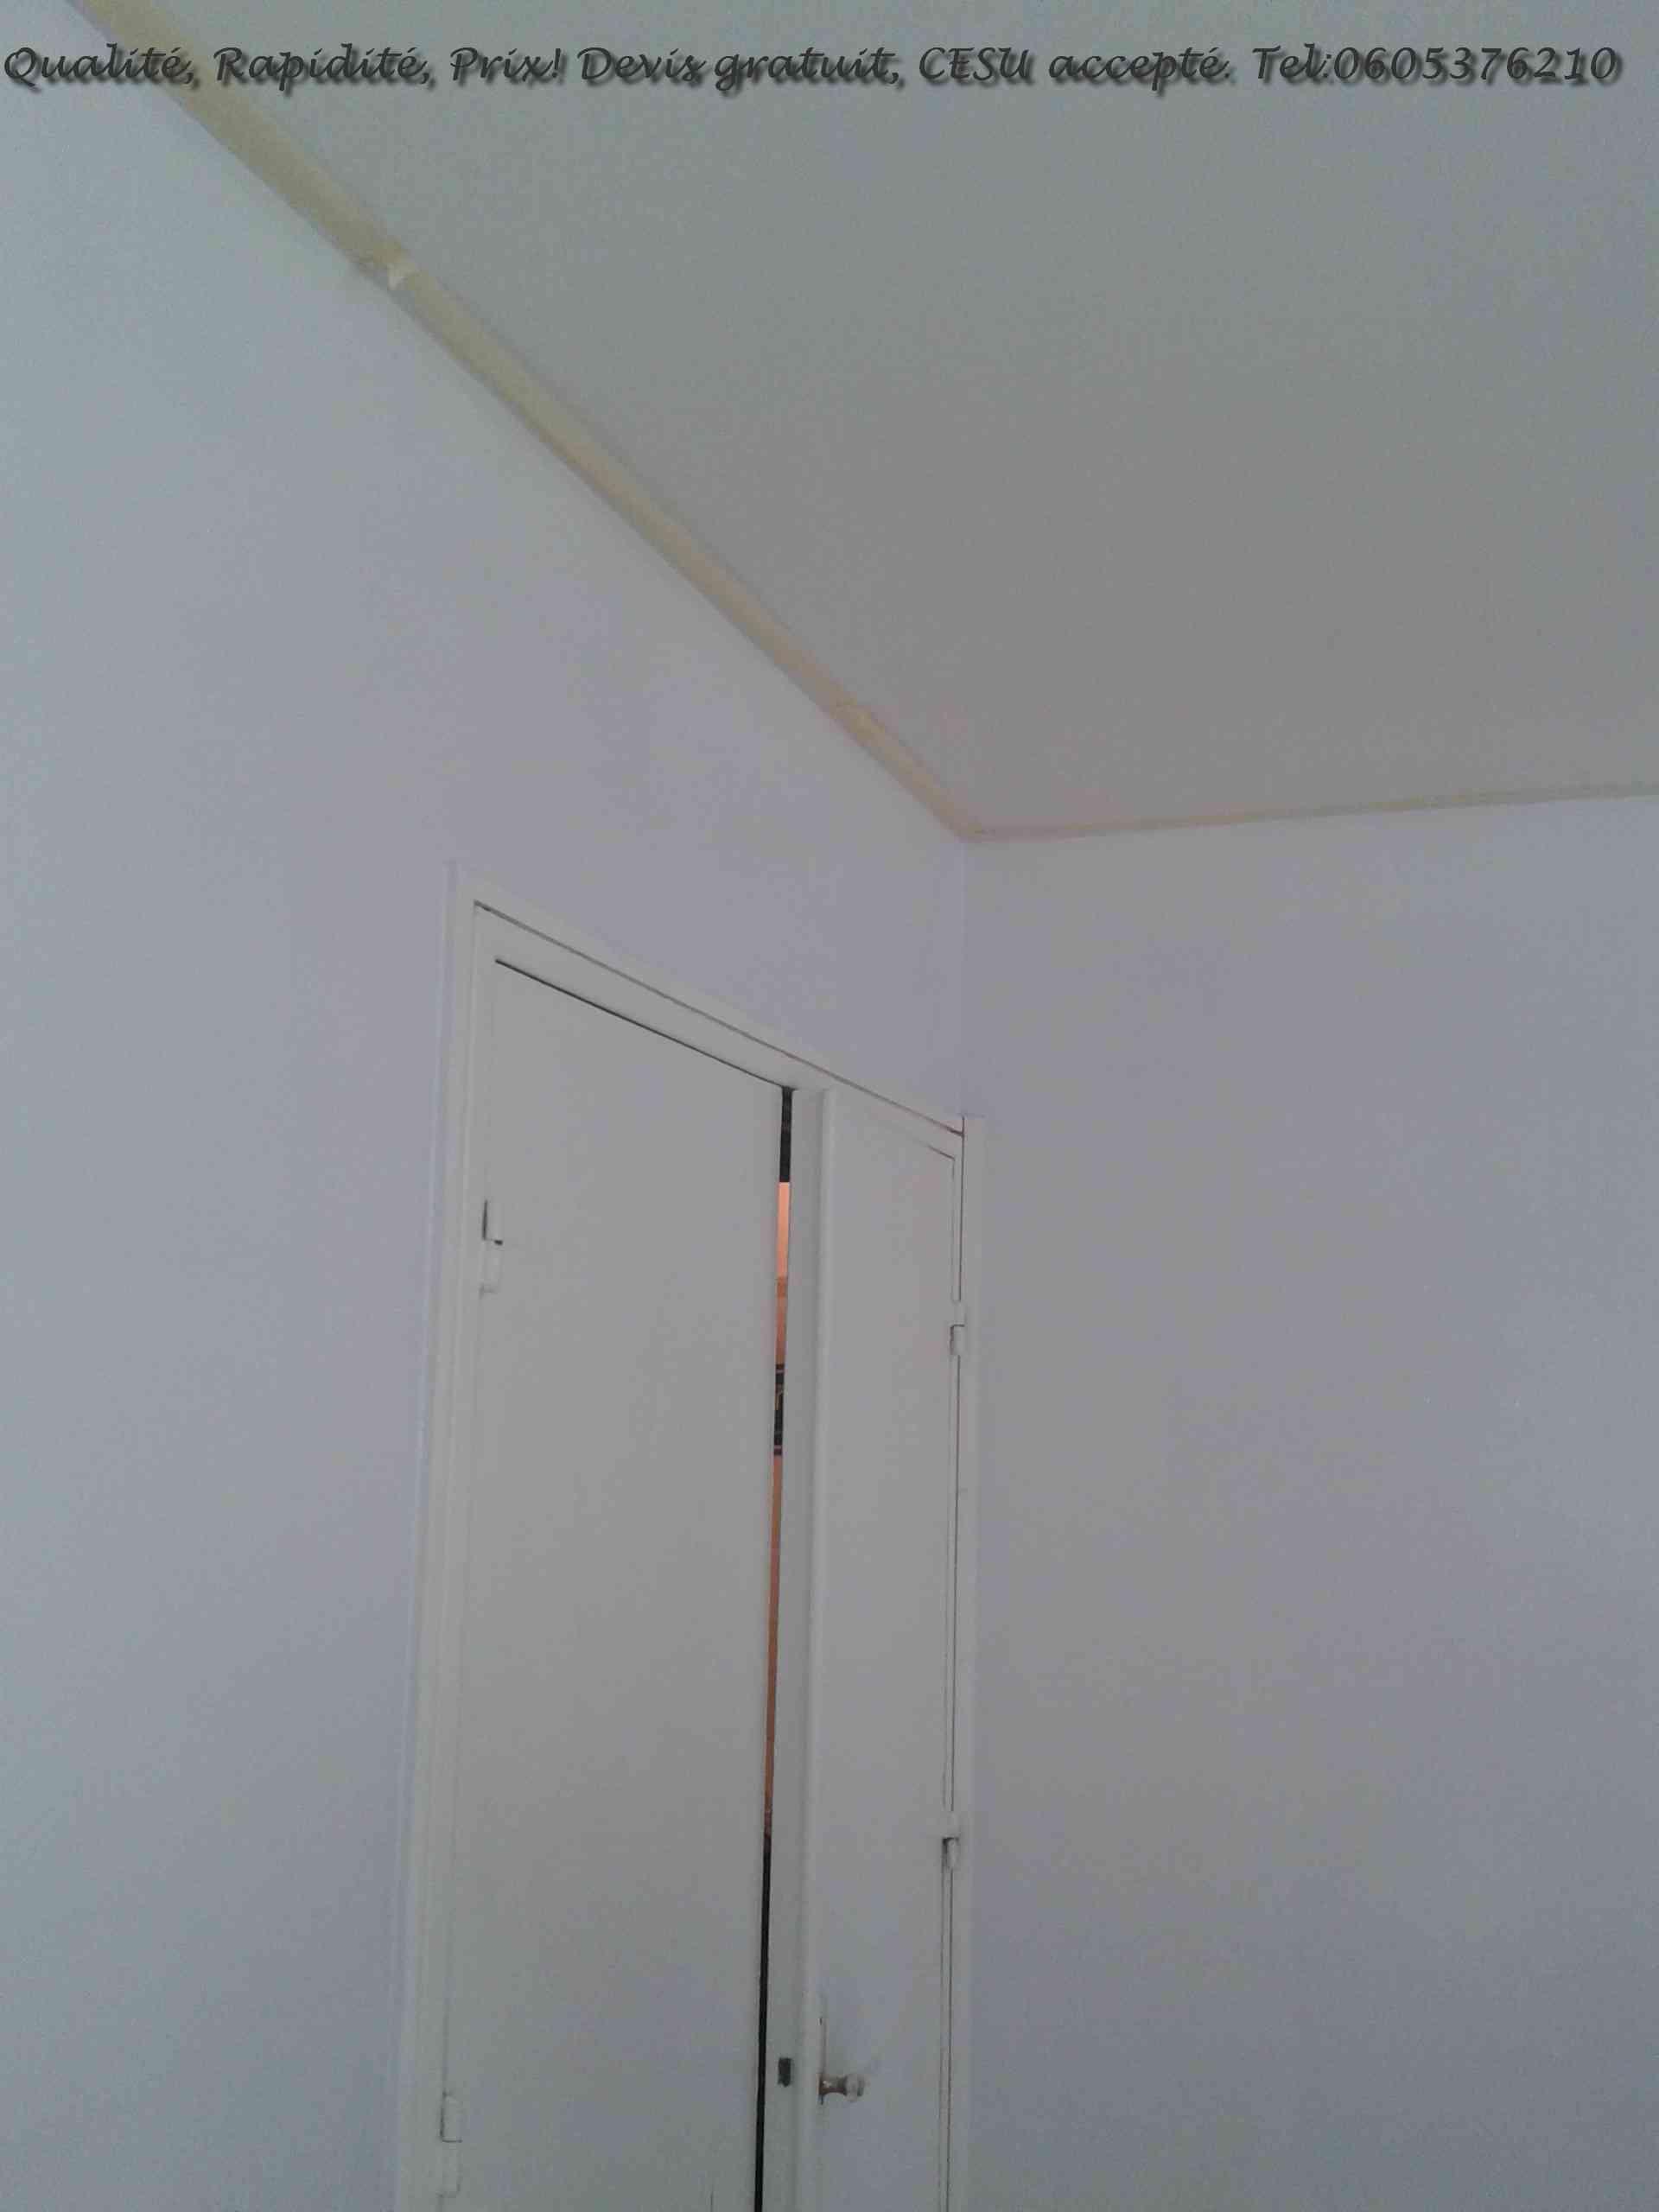 Pose faux plafond crer un faux plafond thermique with pose faux plafond simple awesome dalles - Pose de faux plafond ...